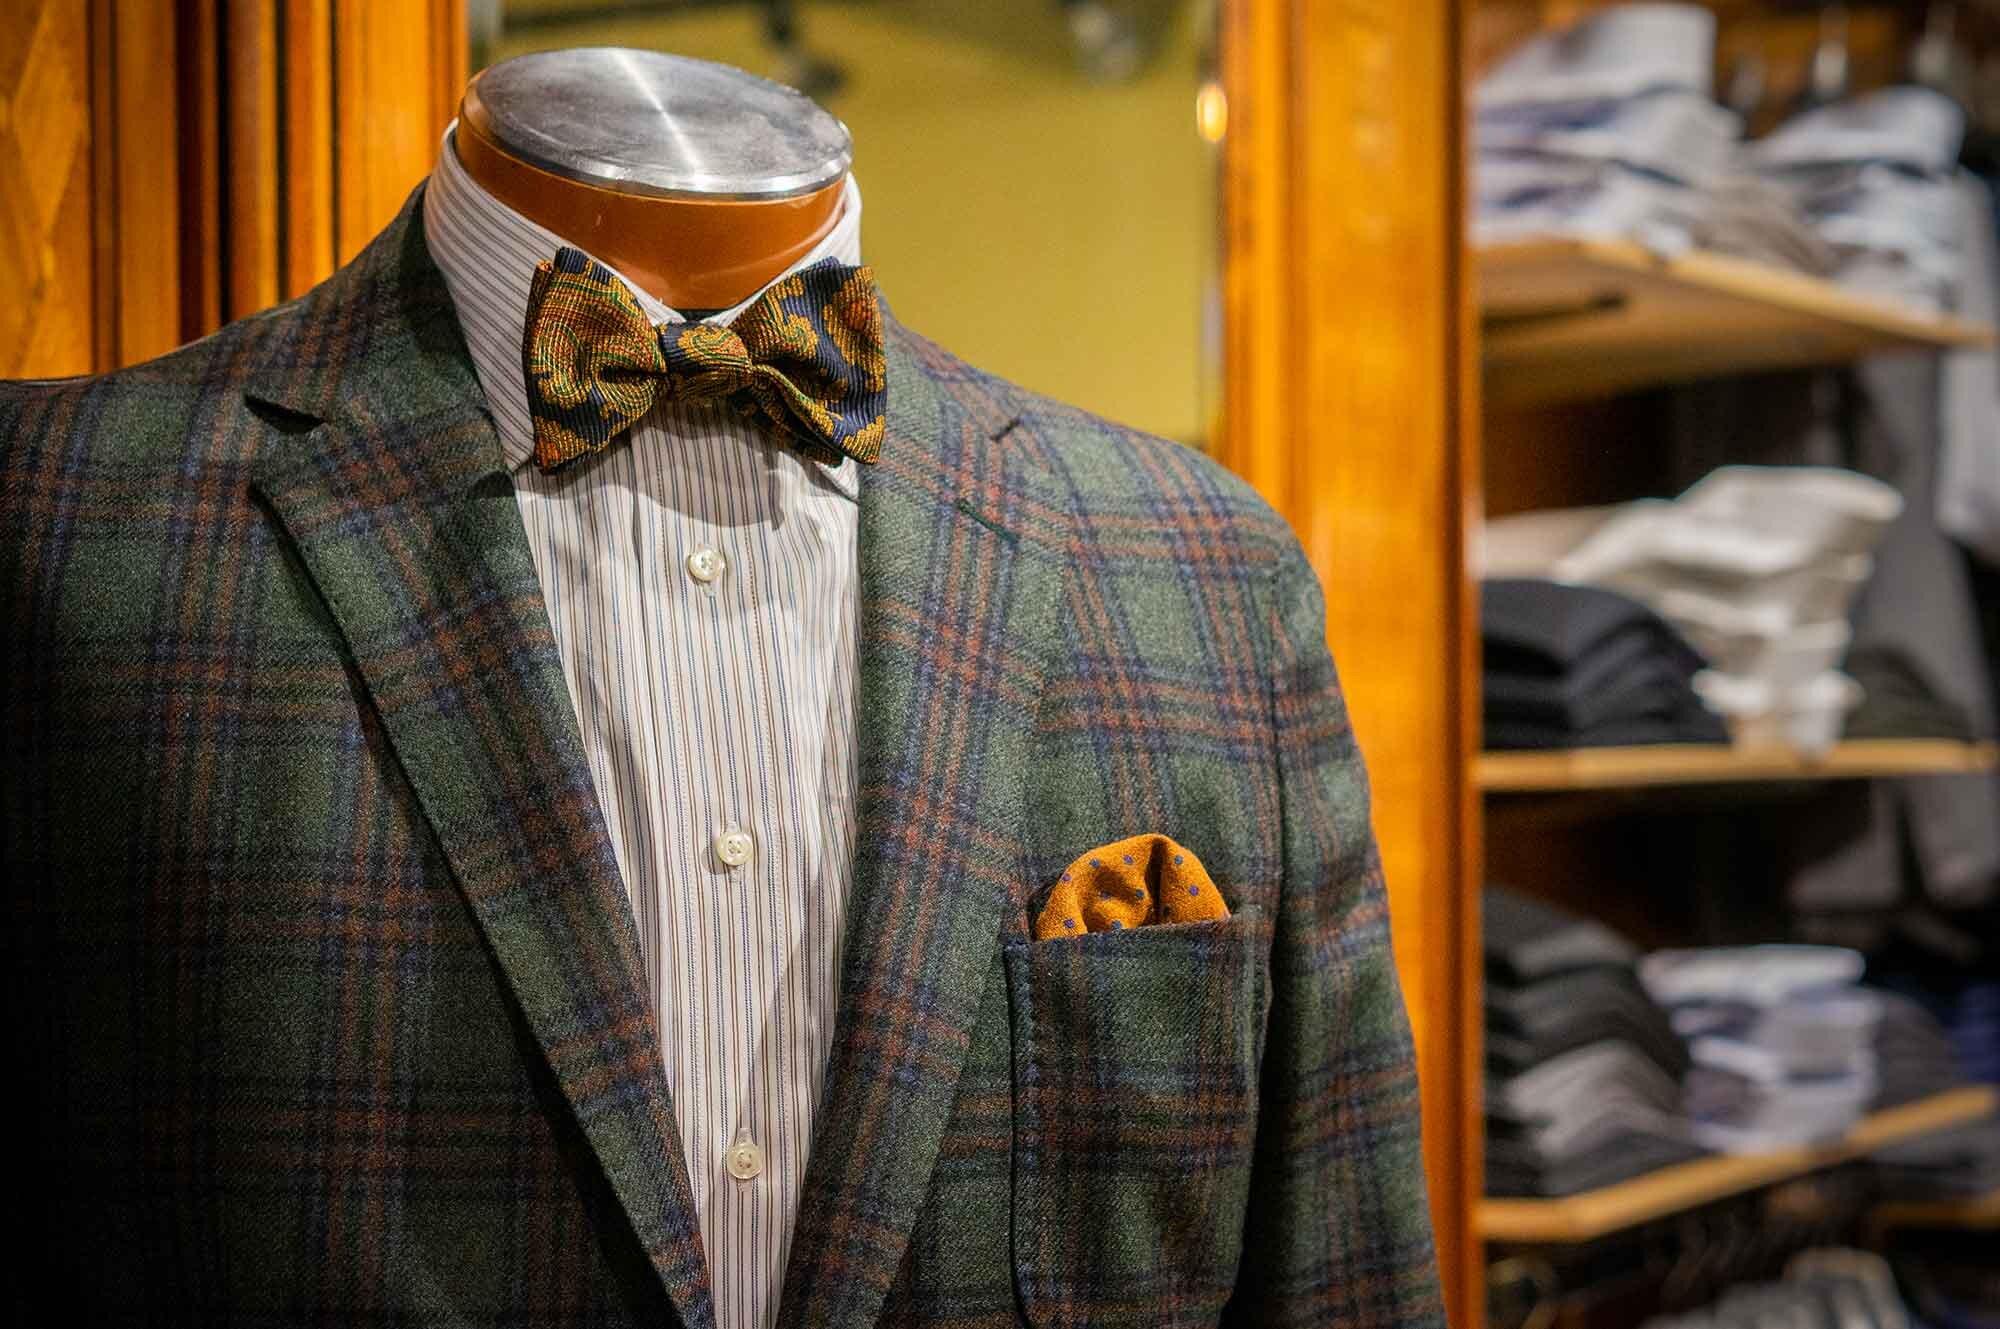 drinkwaters_cambridge_great_mens_clothing_12.jpg